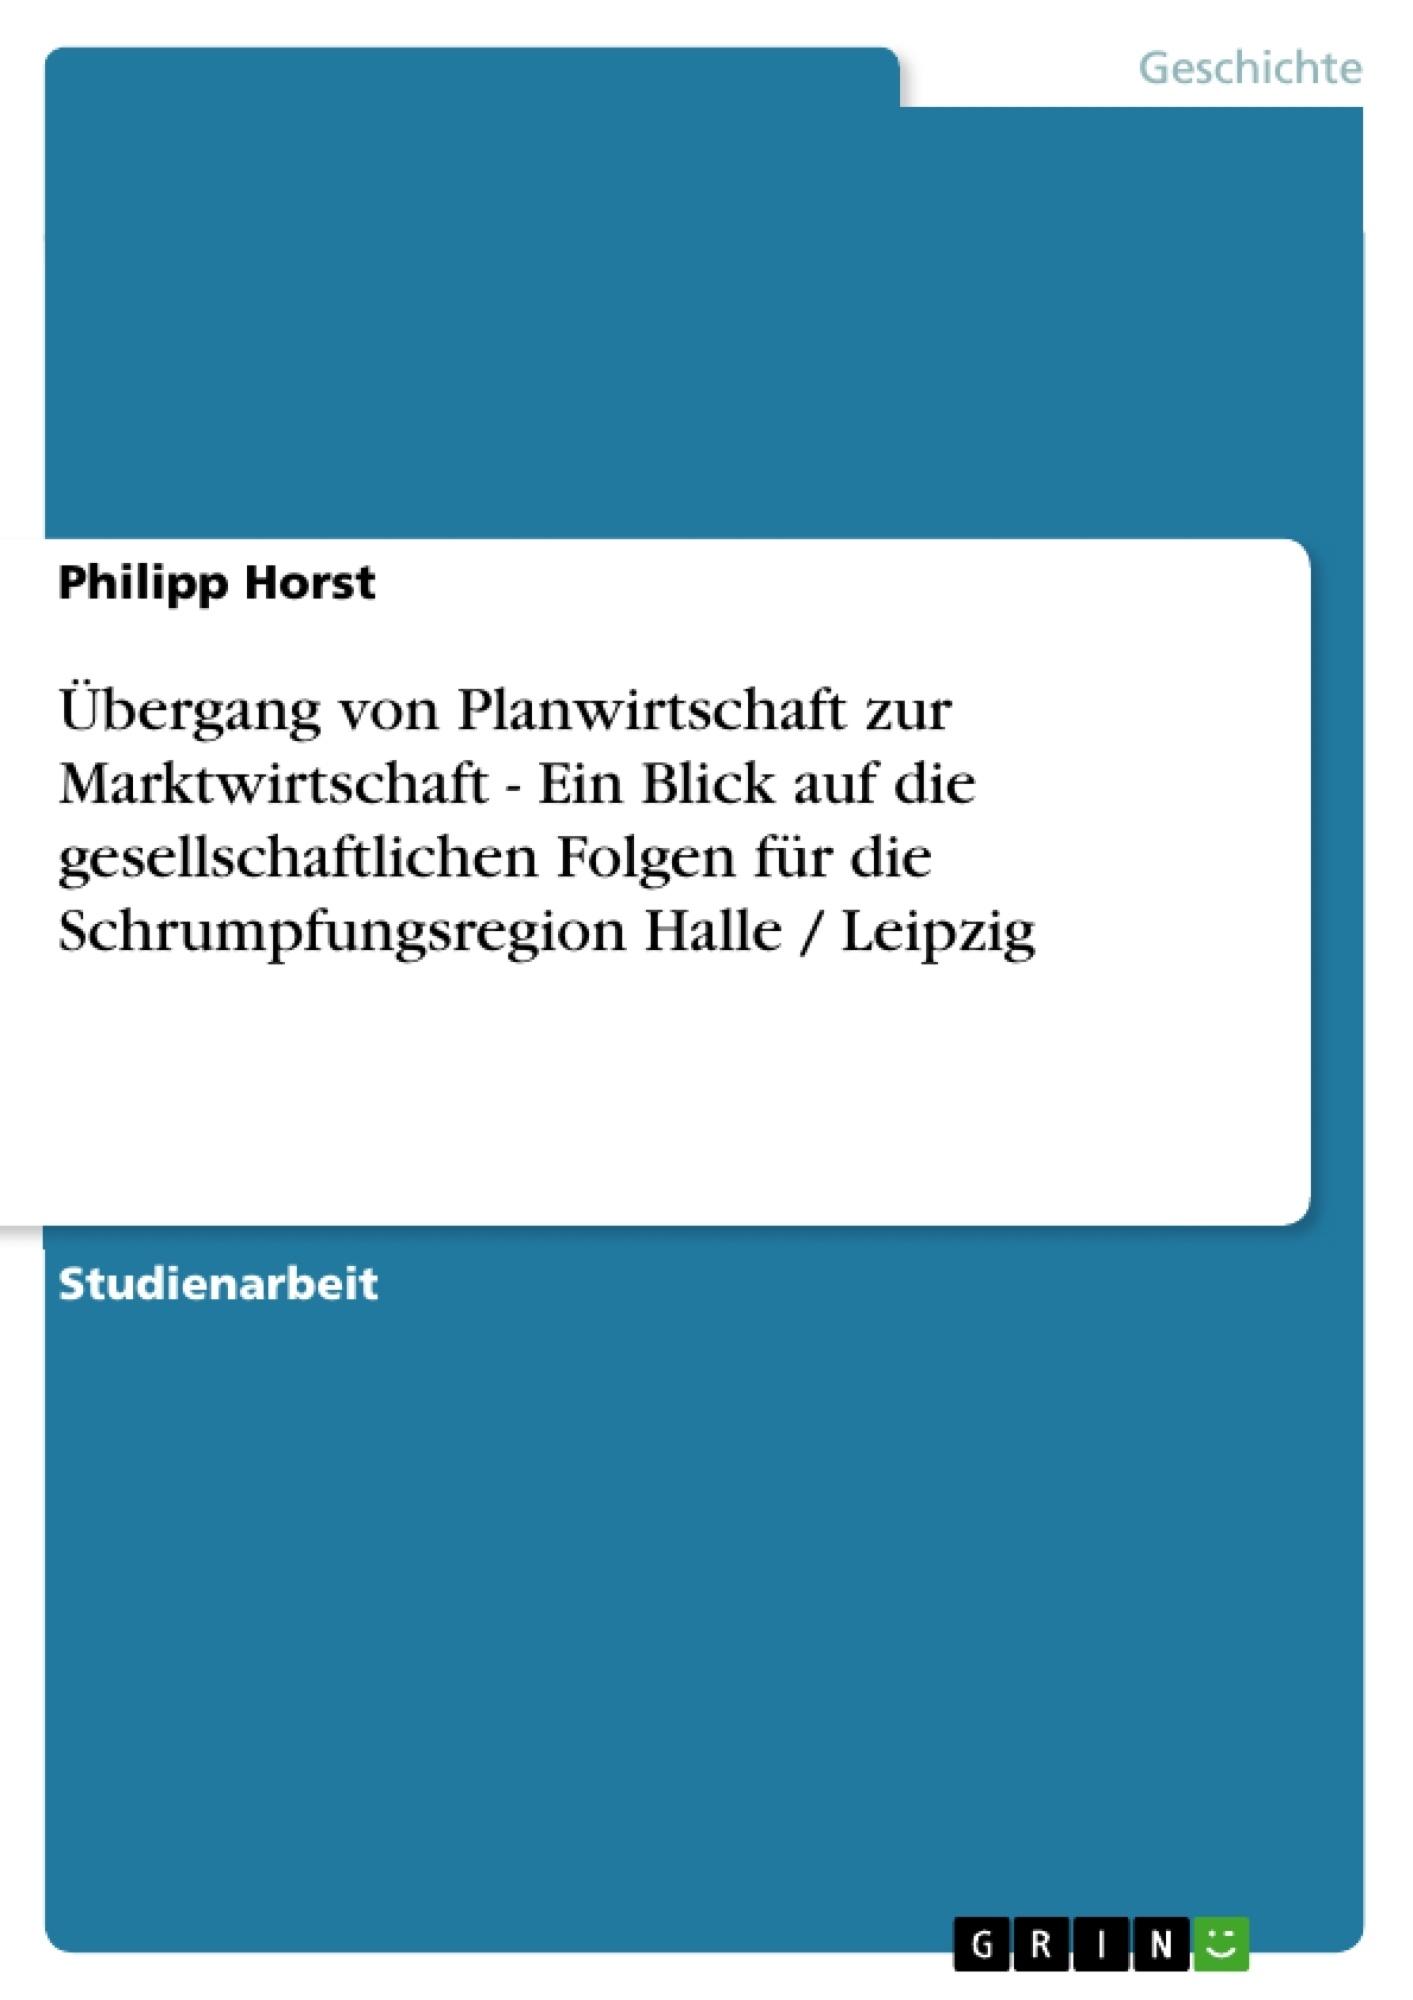 Titel: Übergang von Planwirtschaft zur Marktwirtschaft  -  Ein Blick auf die gesellschaftlichen Folgen für die Schrumpfungsregion Halle / Leipzig